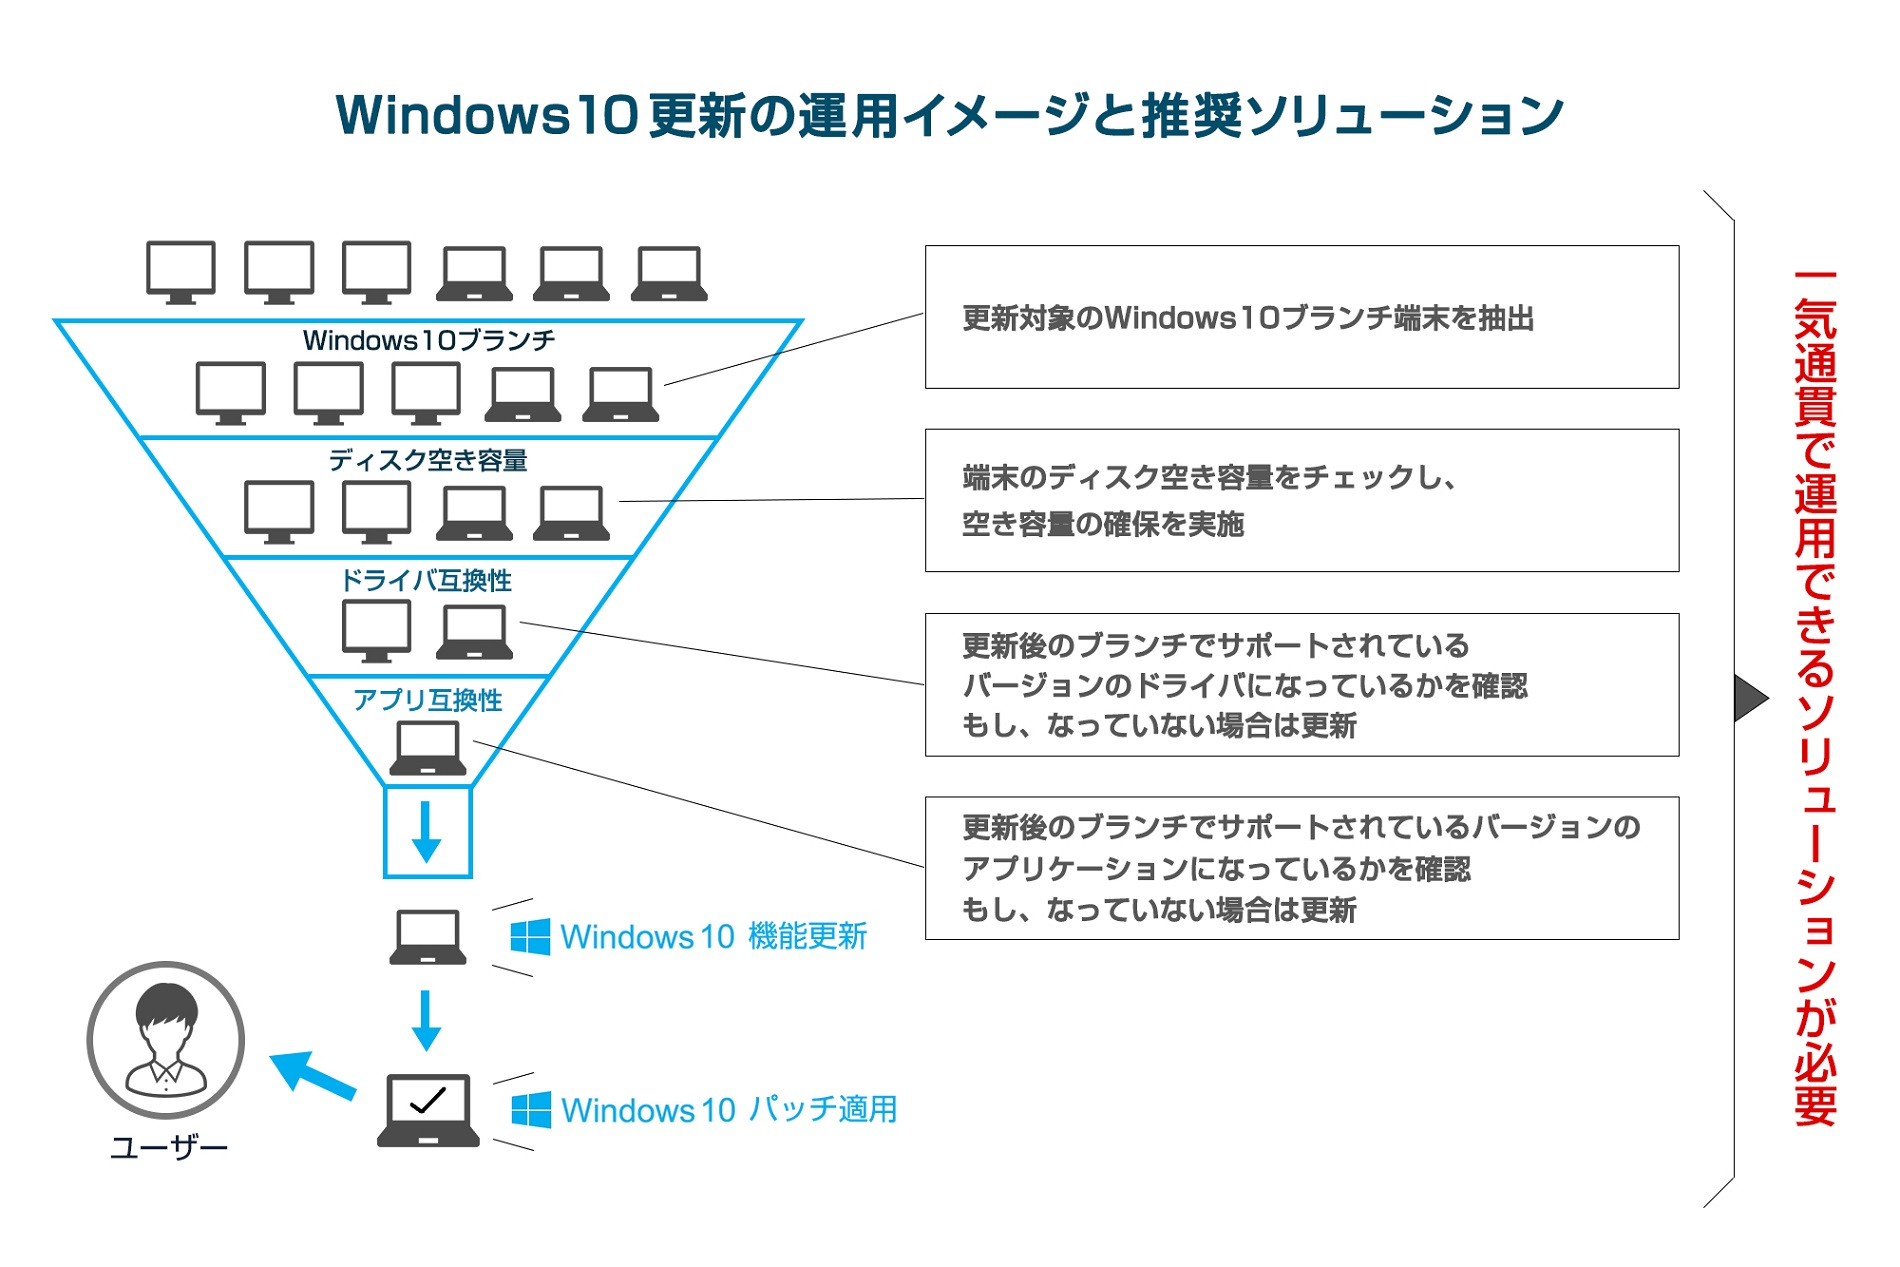 Windows10更新の運用イメージと推奨ソリューション